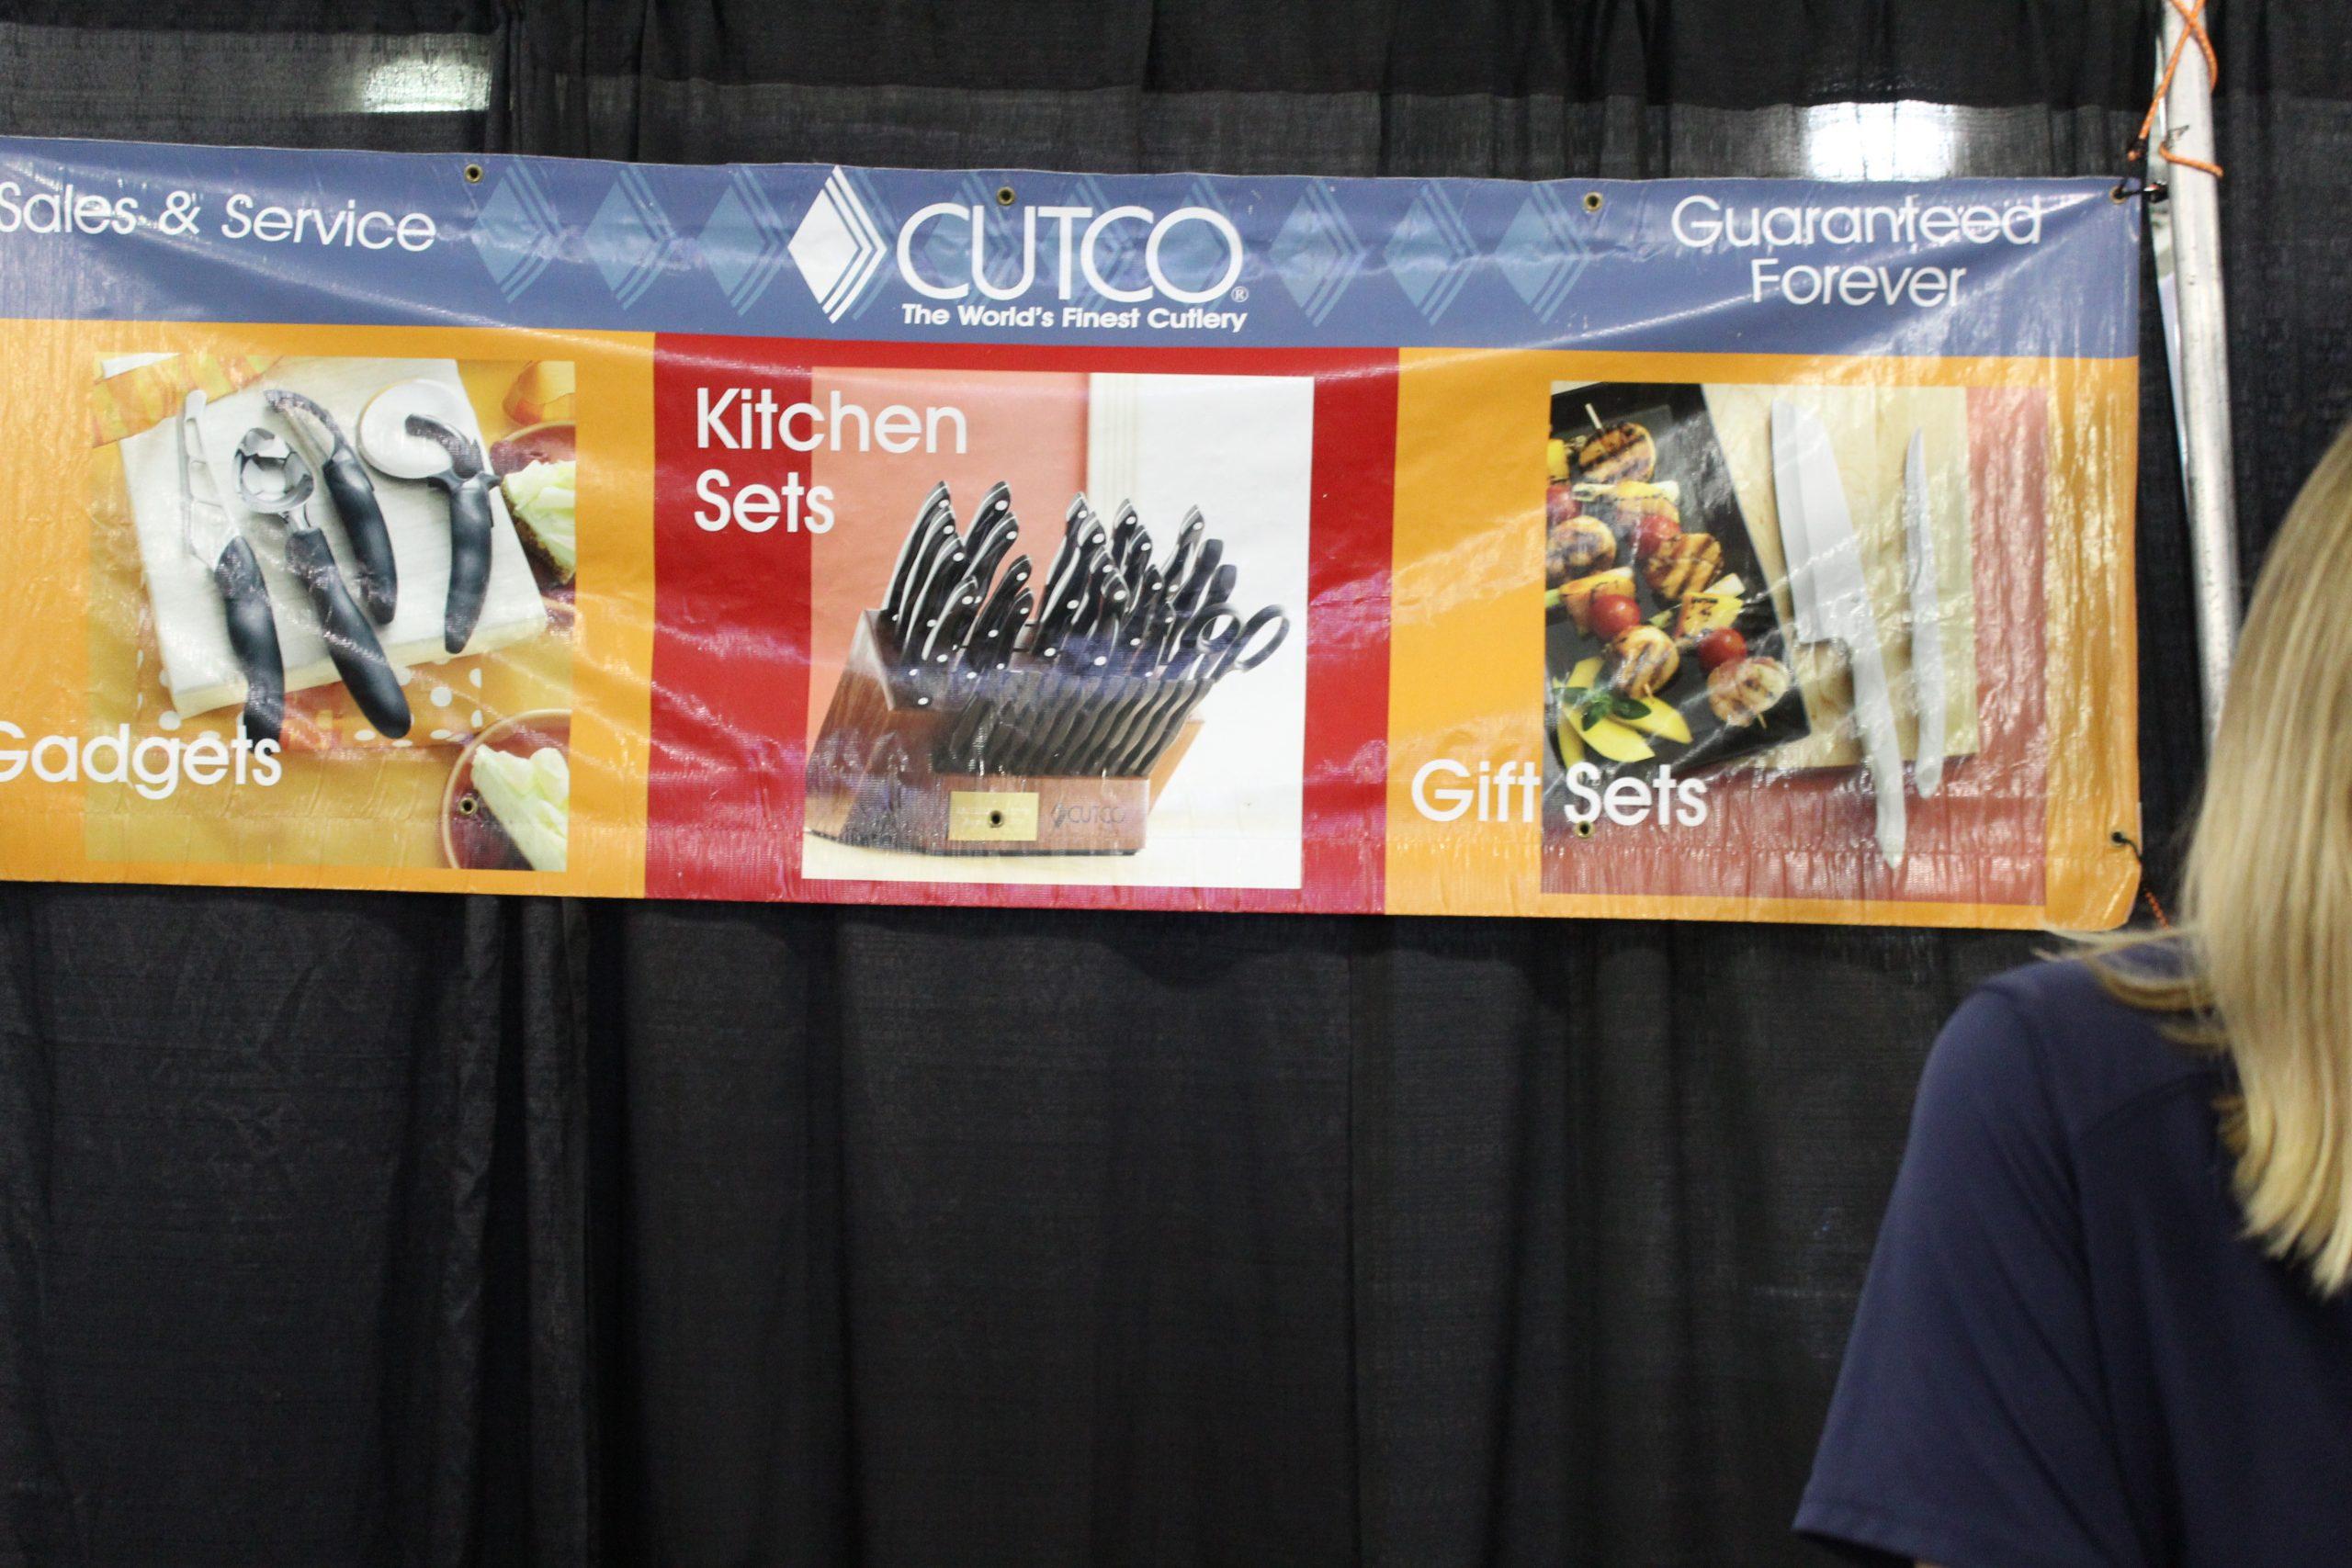 Cutco Cutlery at Jacksonville Home & Garden Show